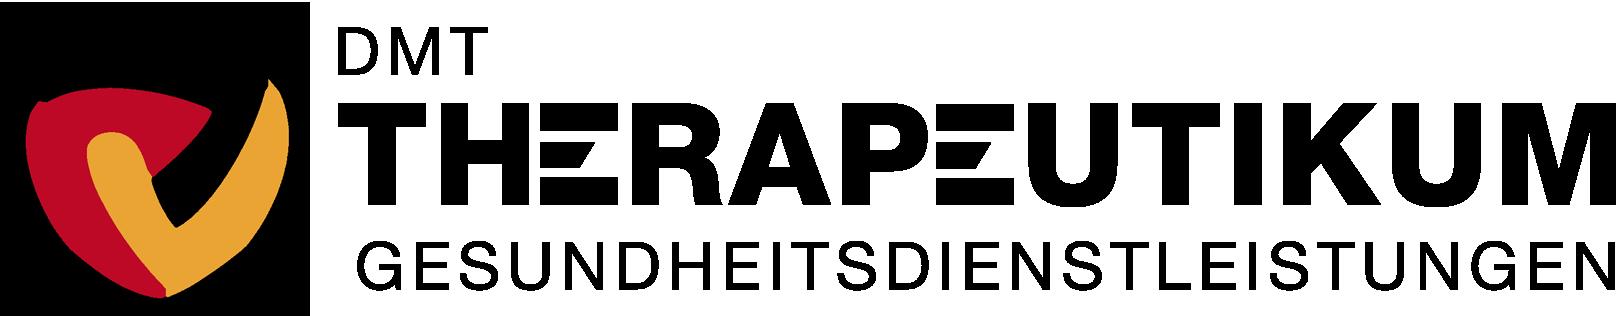 DMT Gesundheitsdienstleistungen GmbH